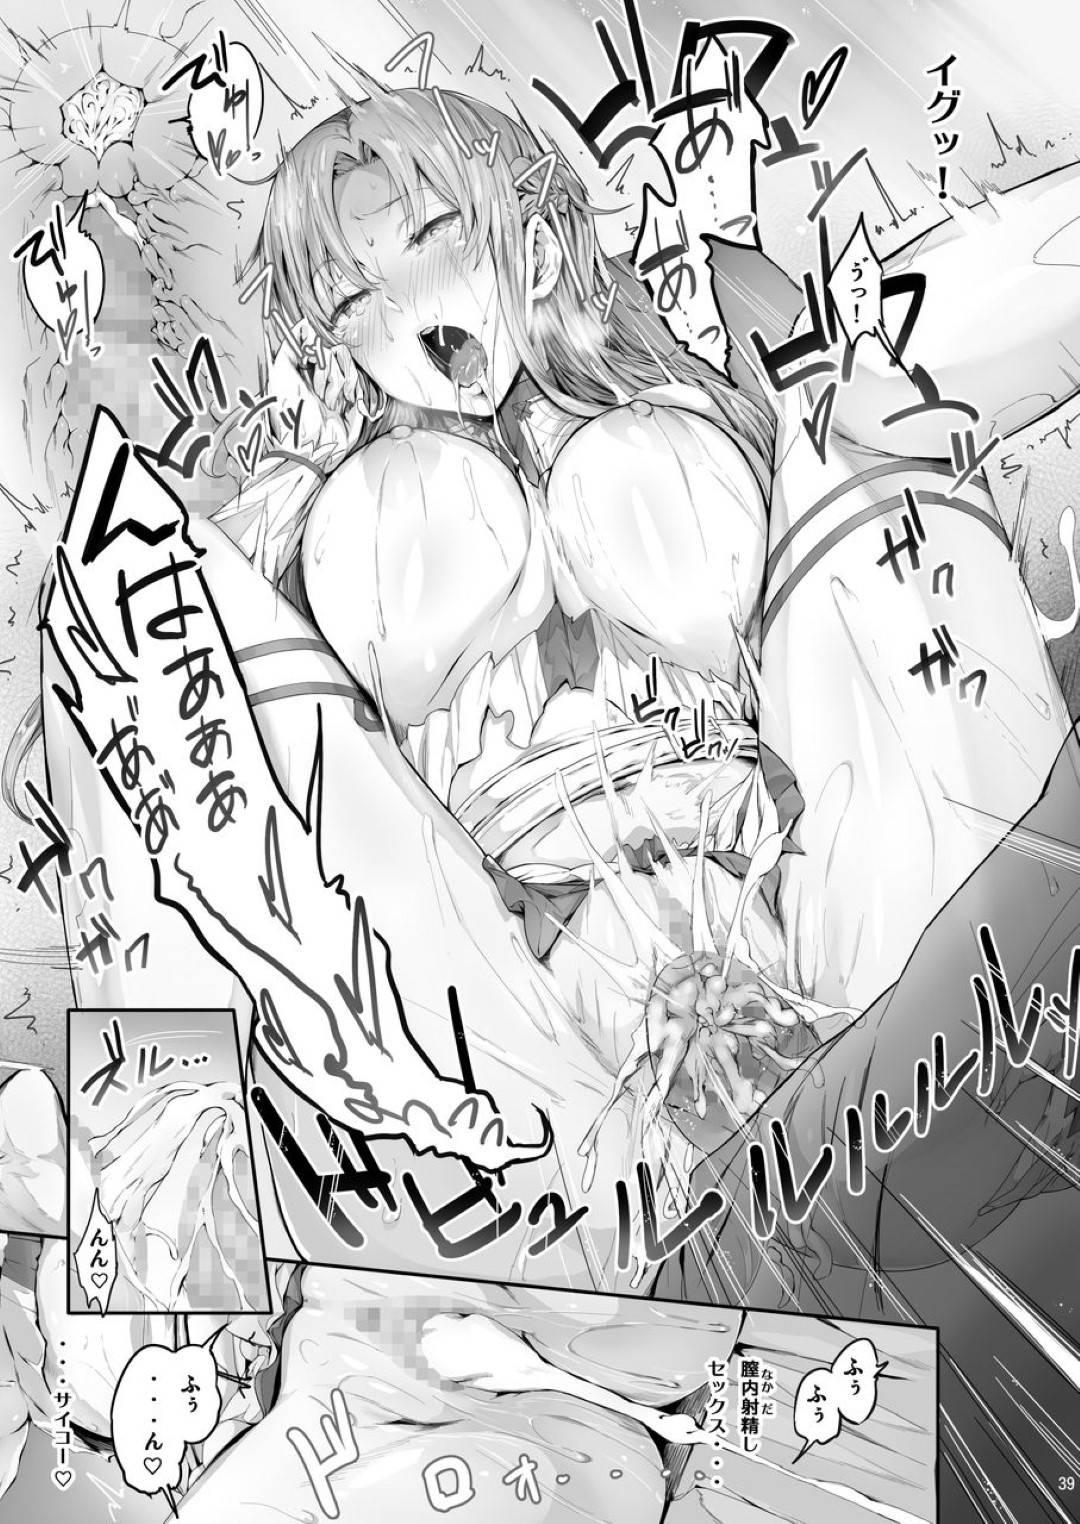 【エロ漫画】拘束されたまま男に身体を蹂躙されるエルフのお姉さんは激しい陵辱中出しレイプで絶頂しまくる【Ken-1/あすなま総集編2】